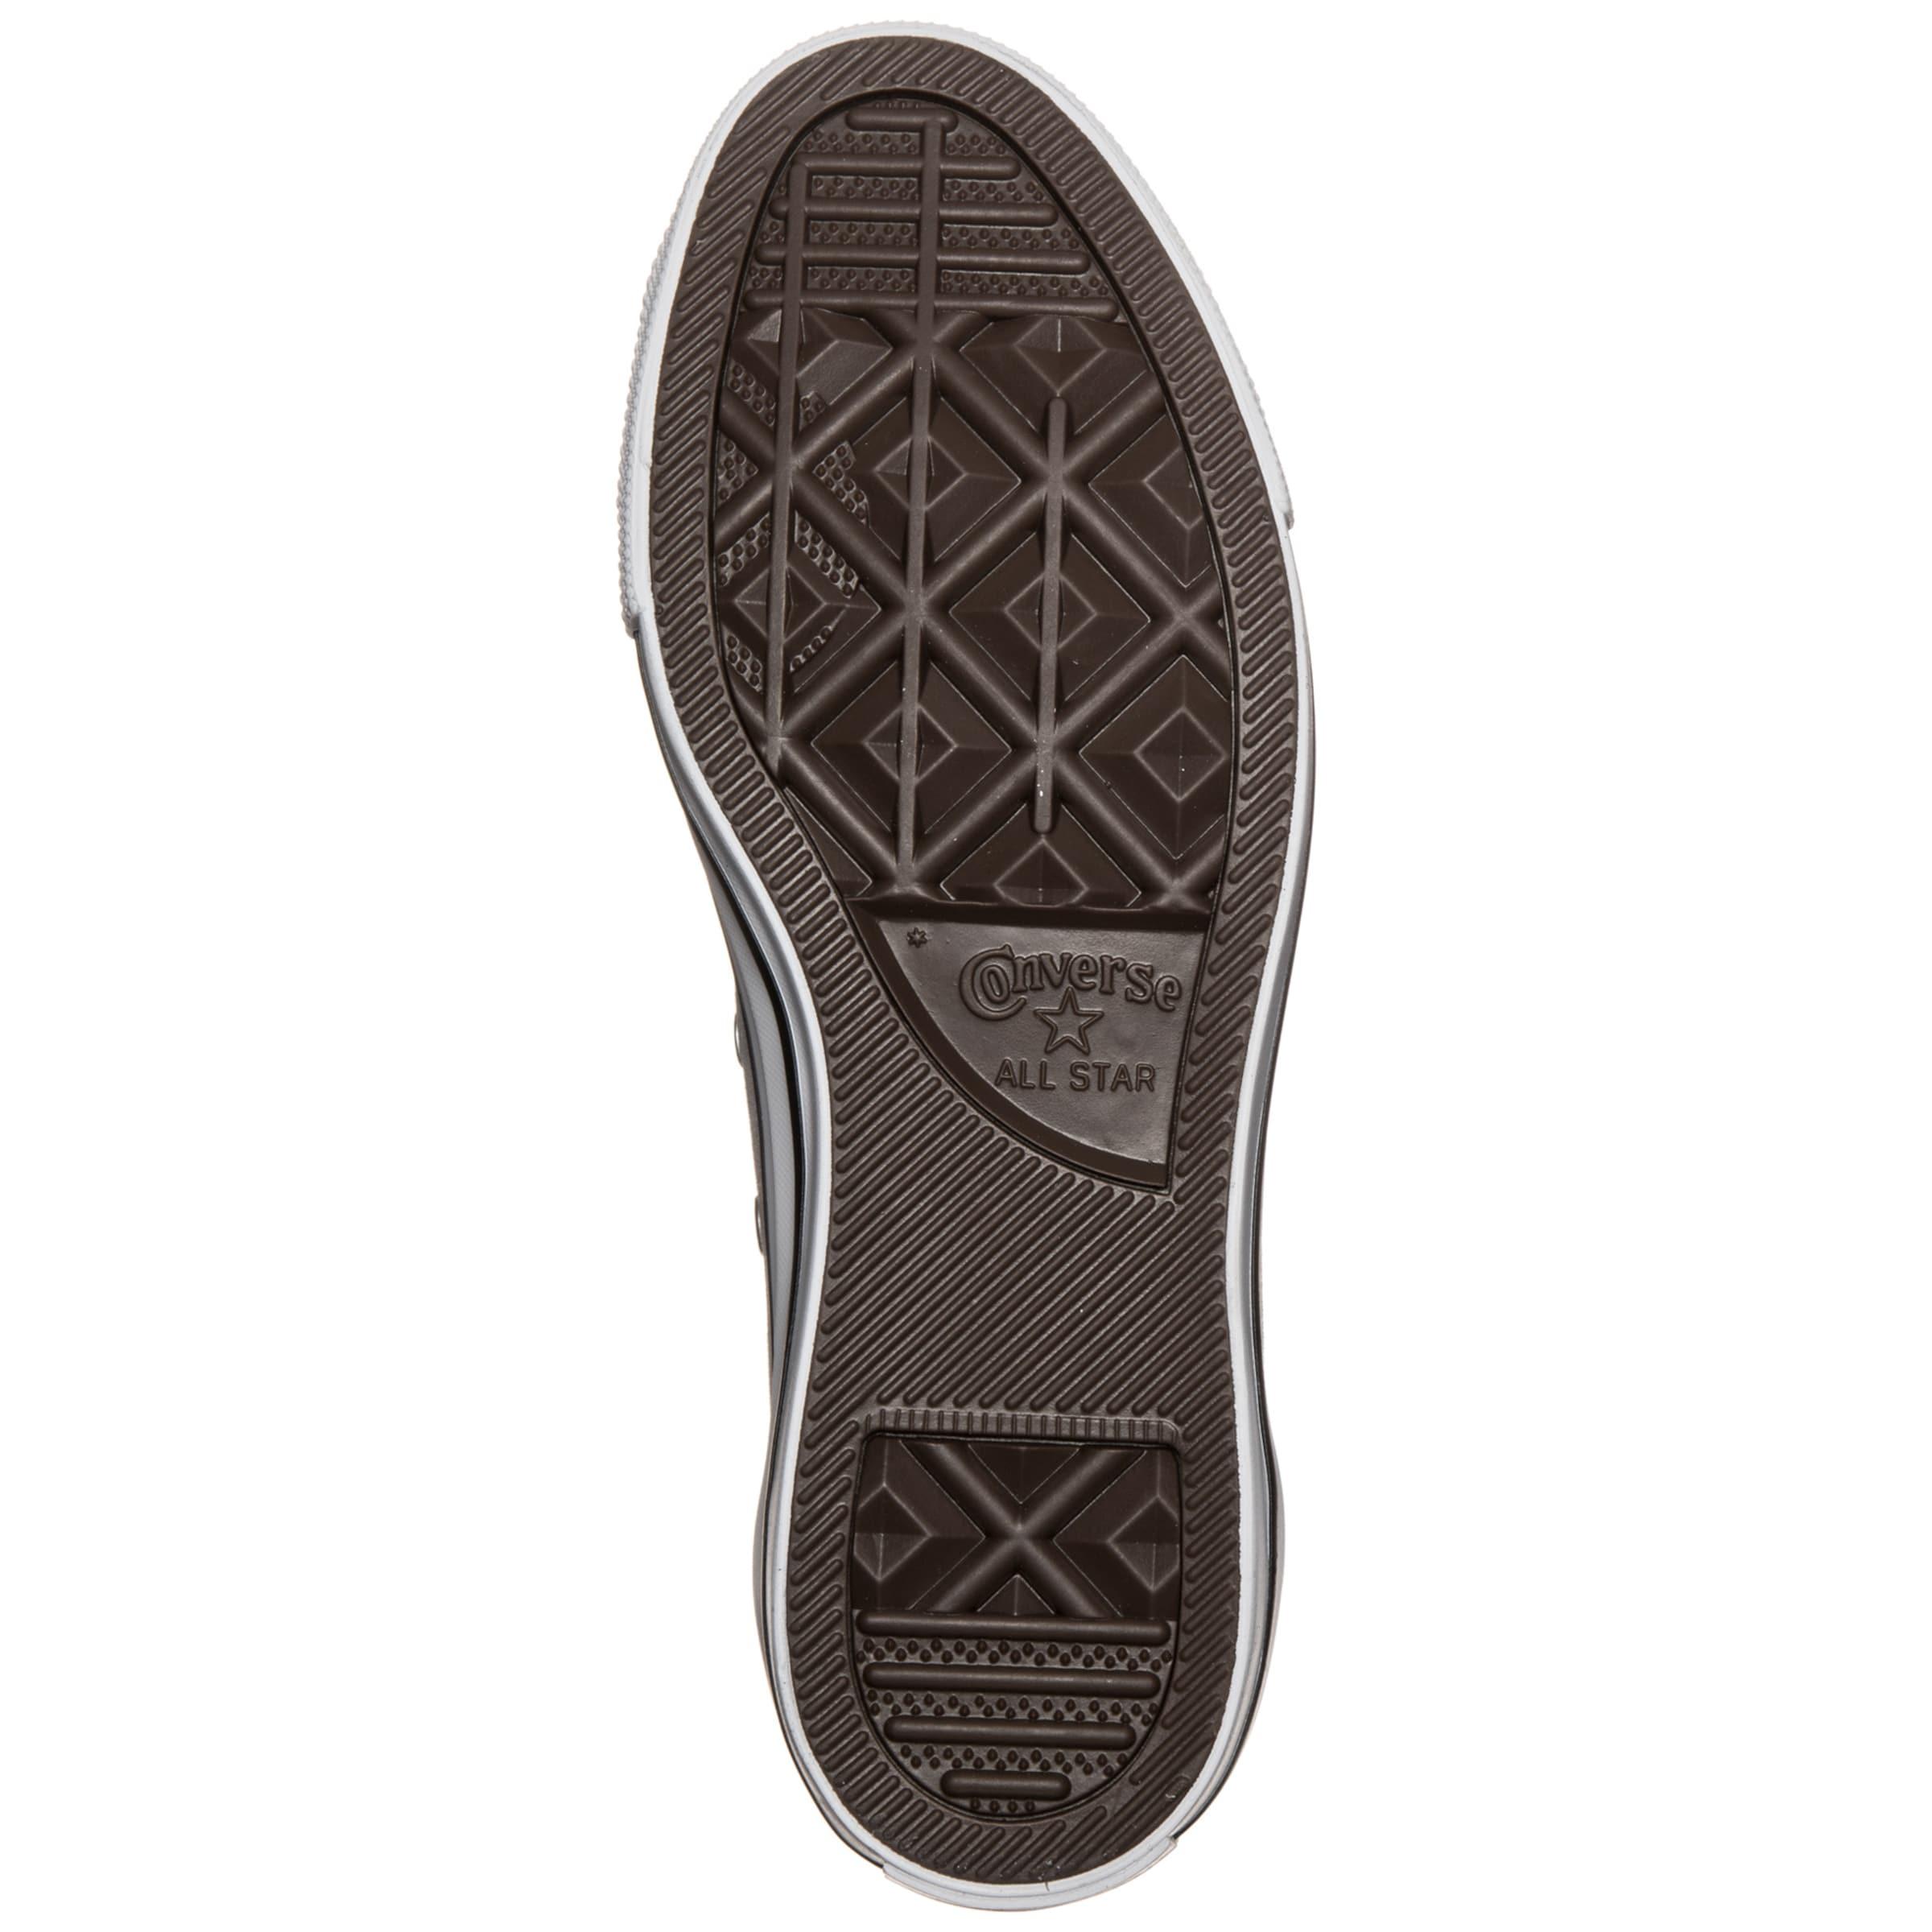 CONVERSE Sneaker 'Chuck Taylor All Star OX' Geschäft Freies Verschiffen Empfehlen Limitierte Auflage Online-Verkauf 4kY0y2dPaQ